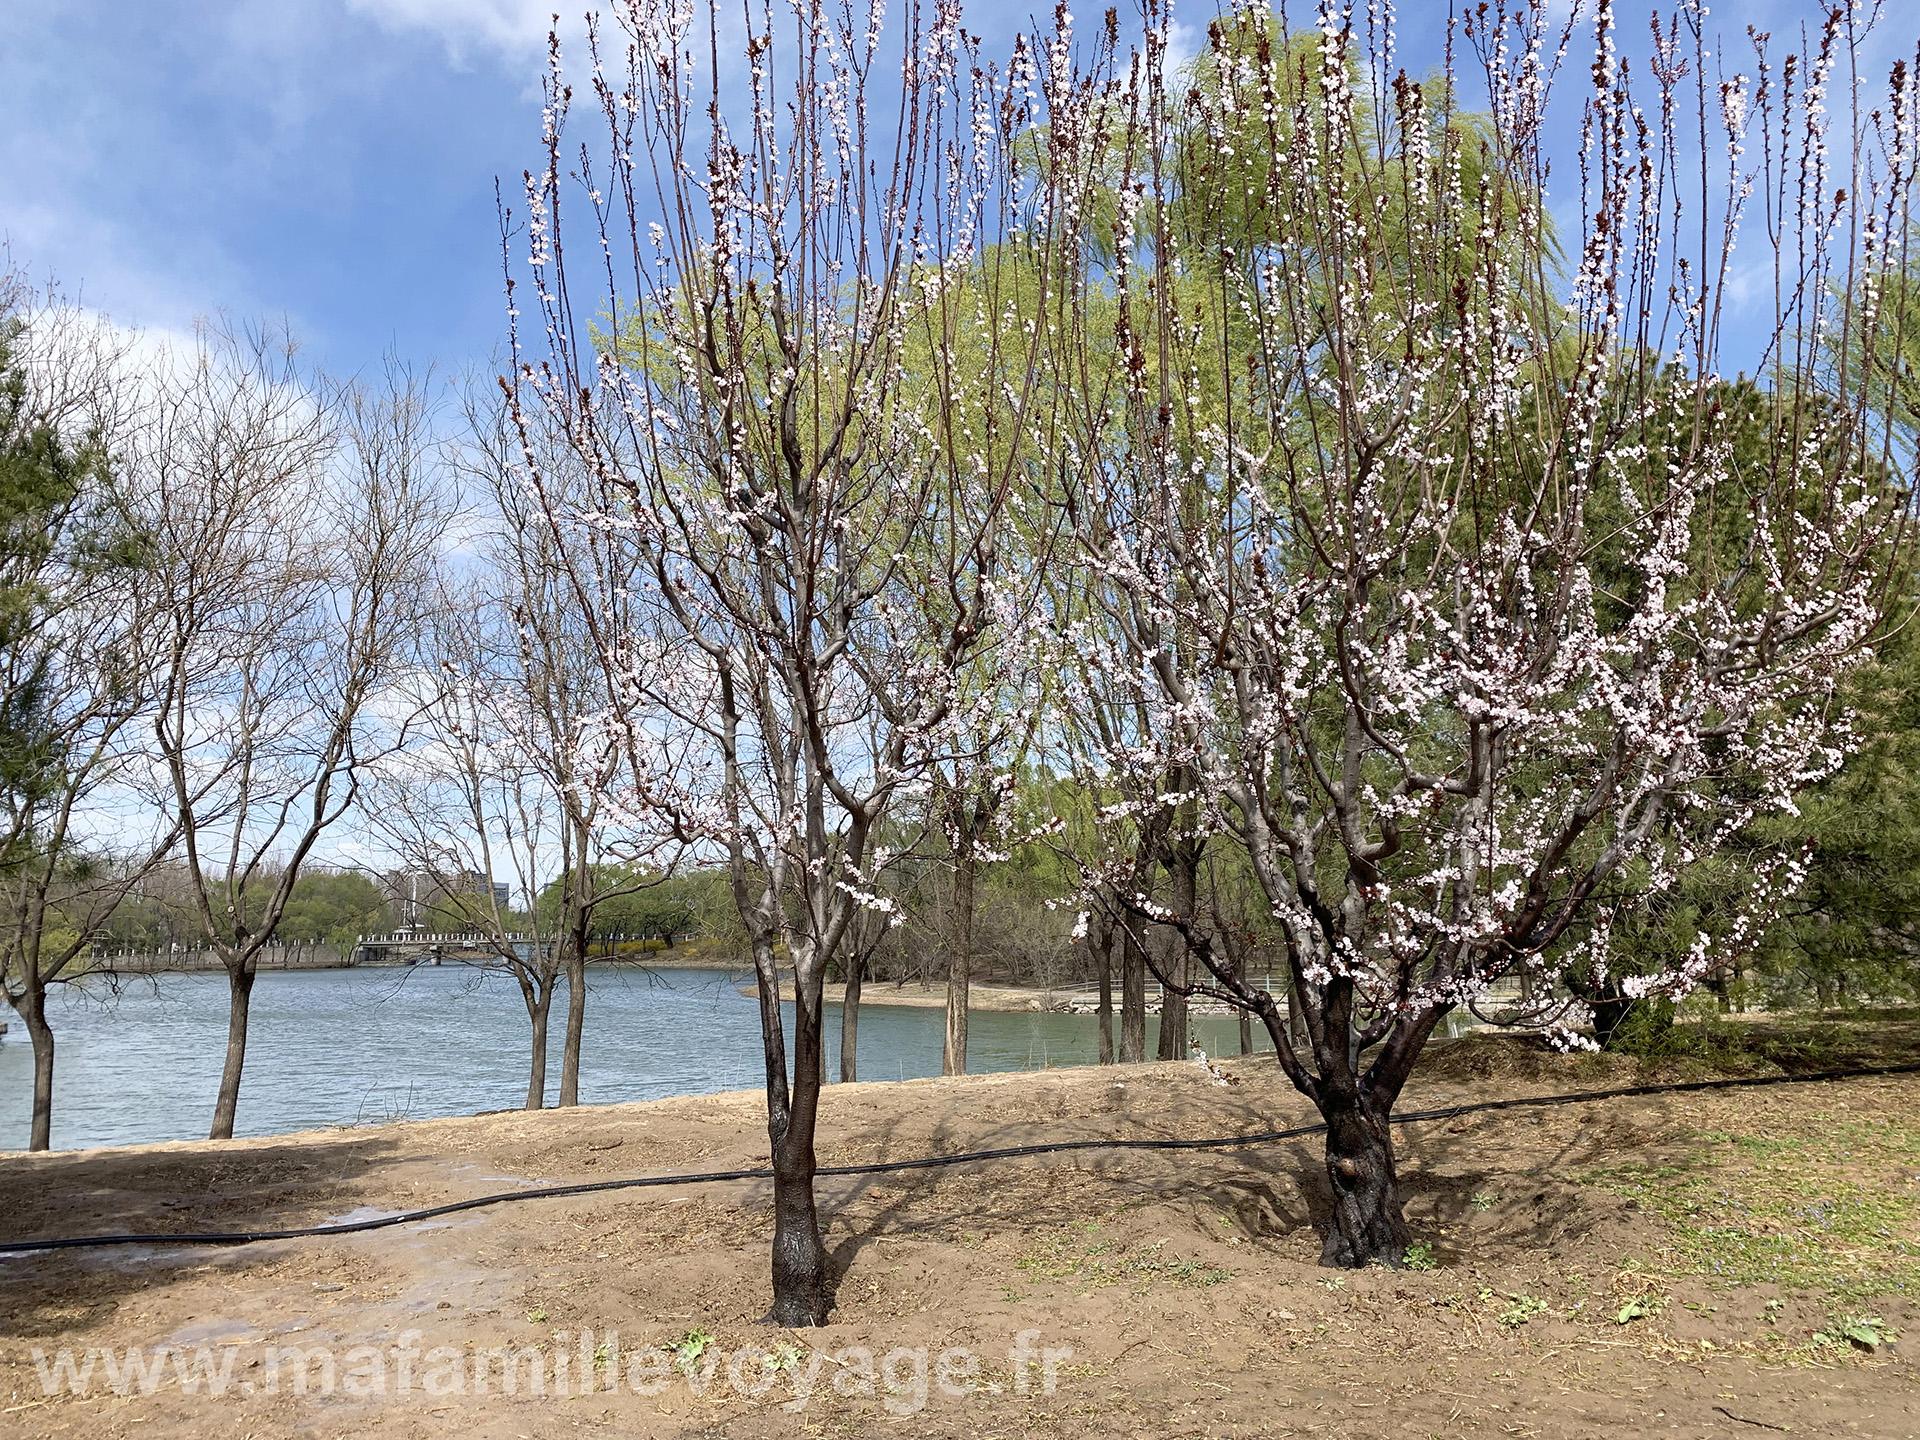 Quelques cerisiers commencent à fleurir